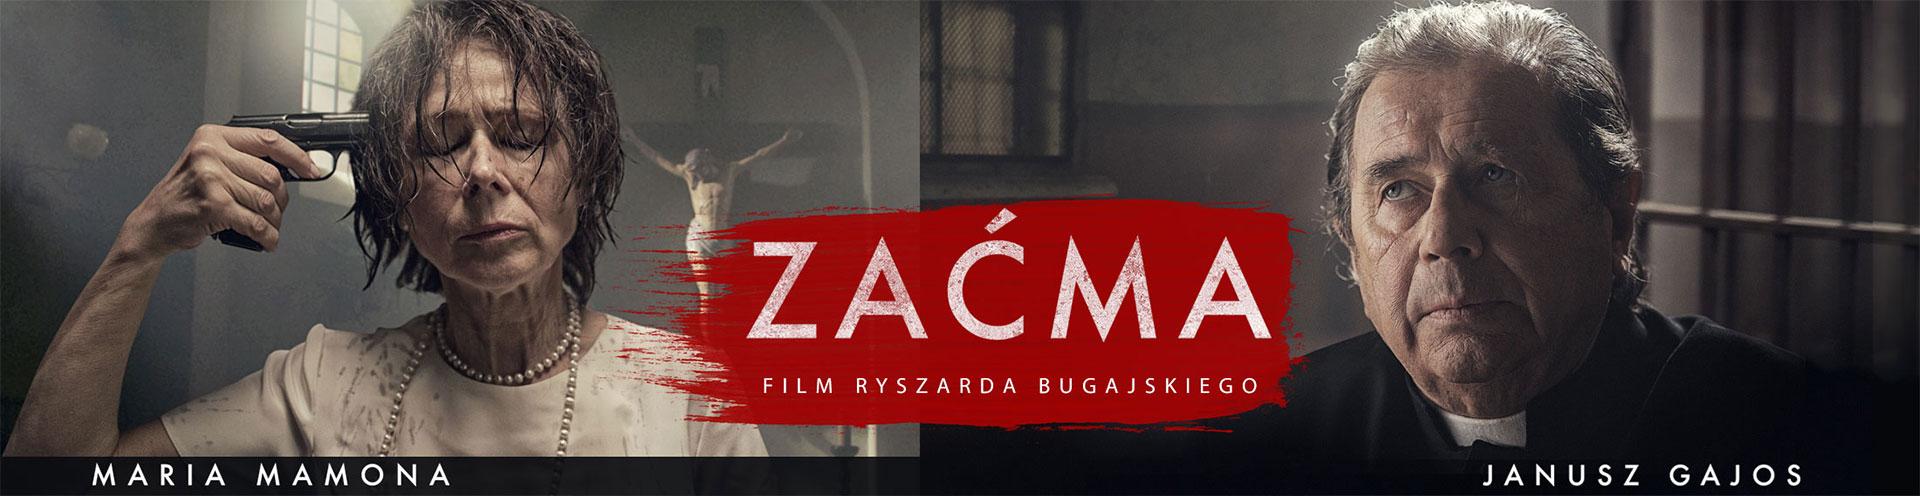 zacma-slider.jpg